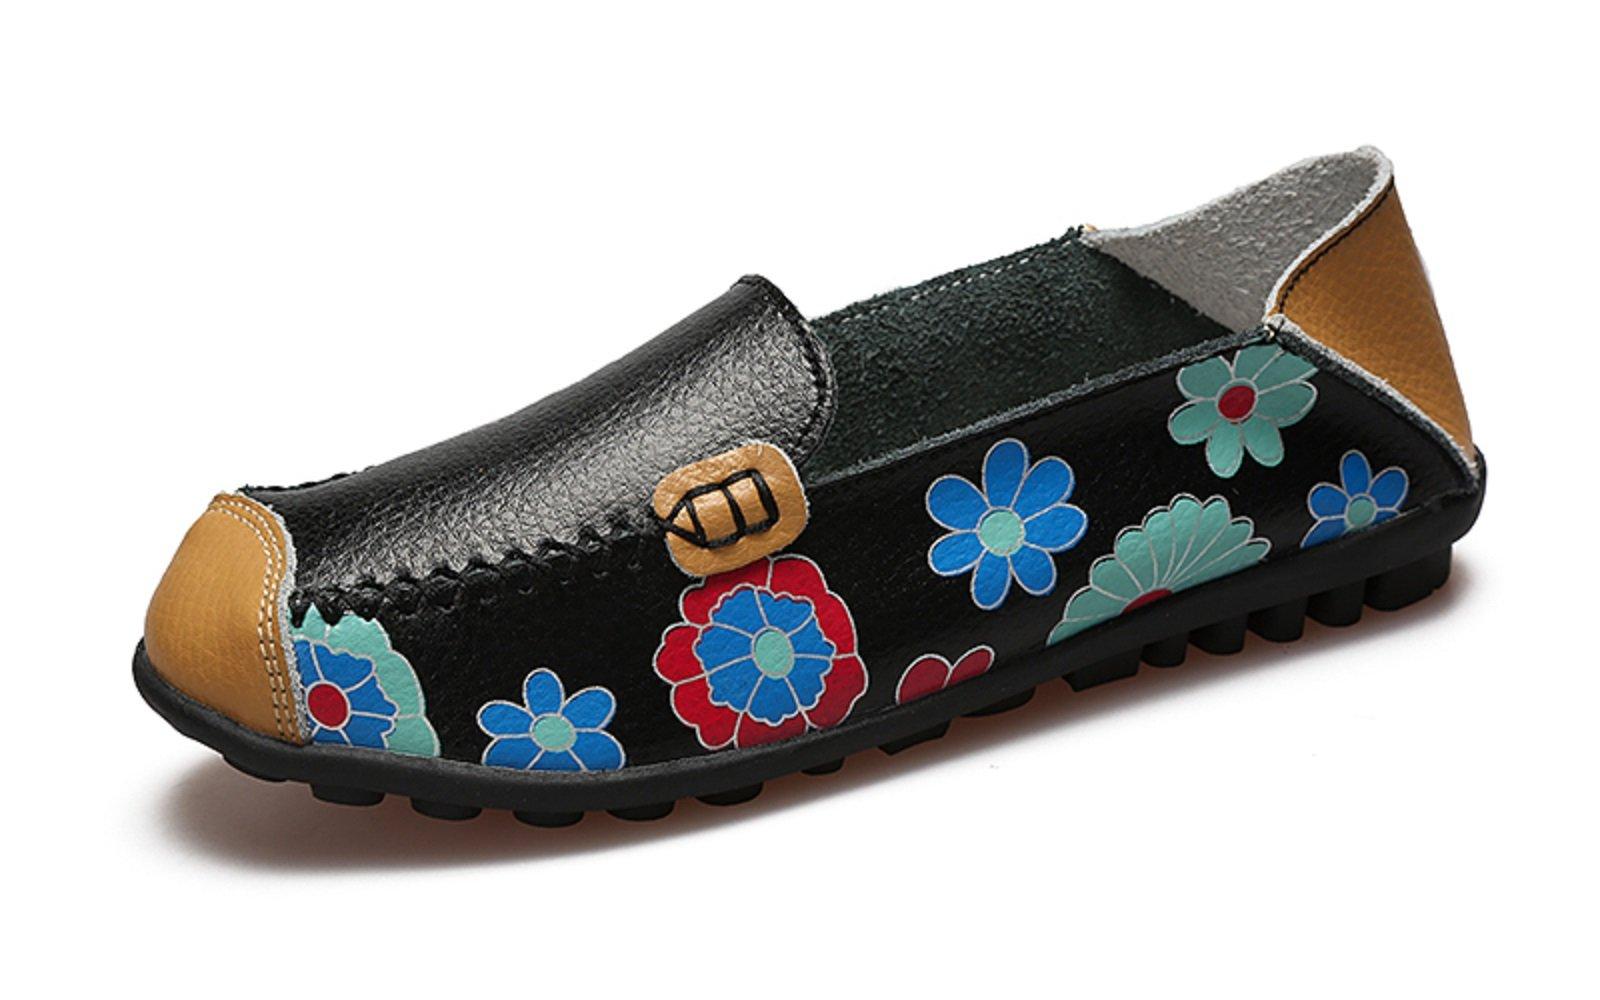 VenusCelia Women's Floral Comfort Walking Flat Loafer(5.5 B(M) US,Black-f)